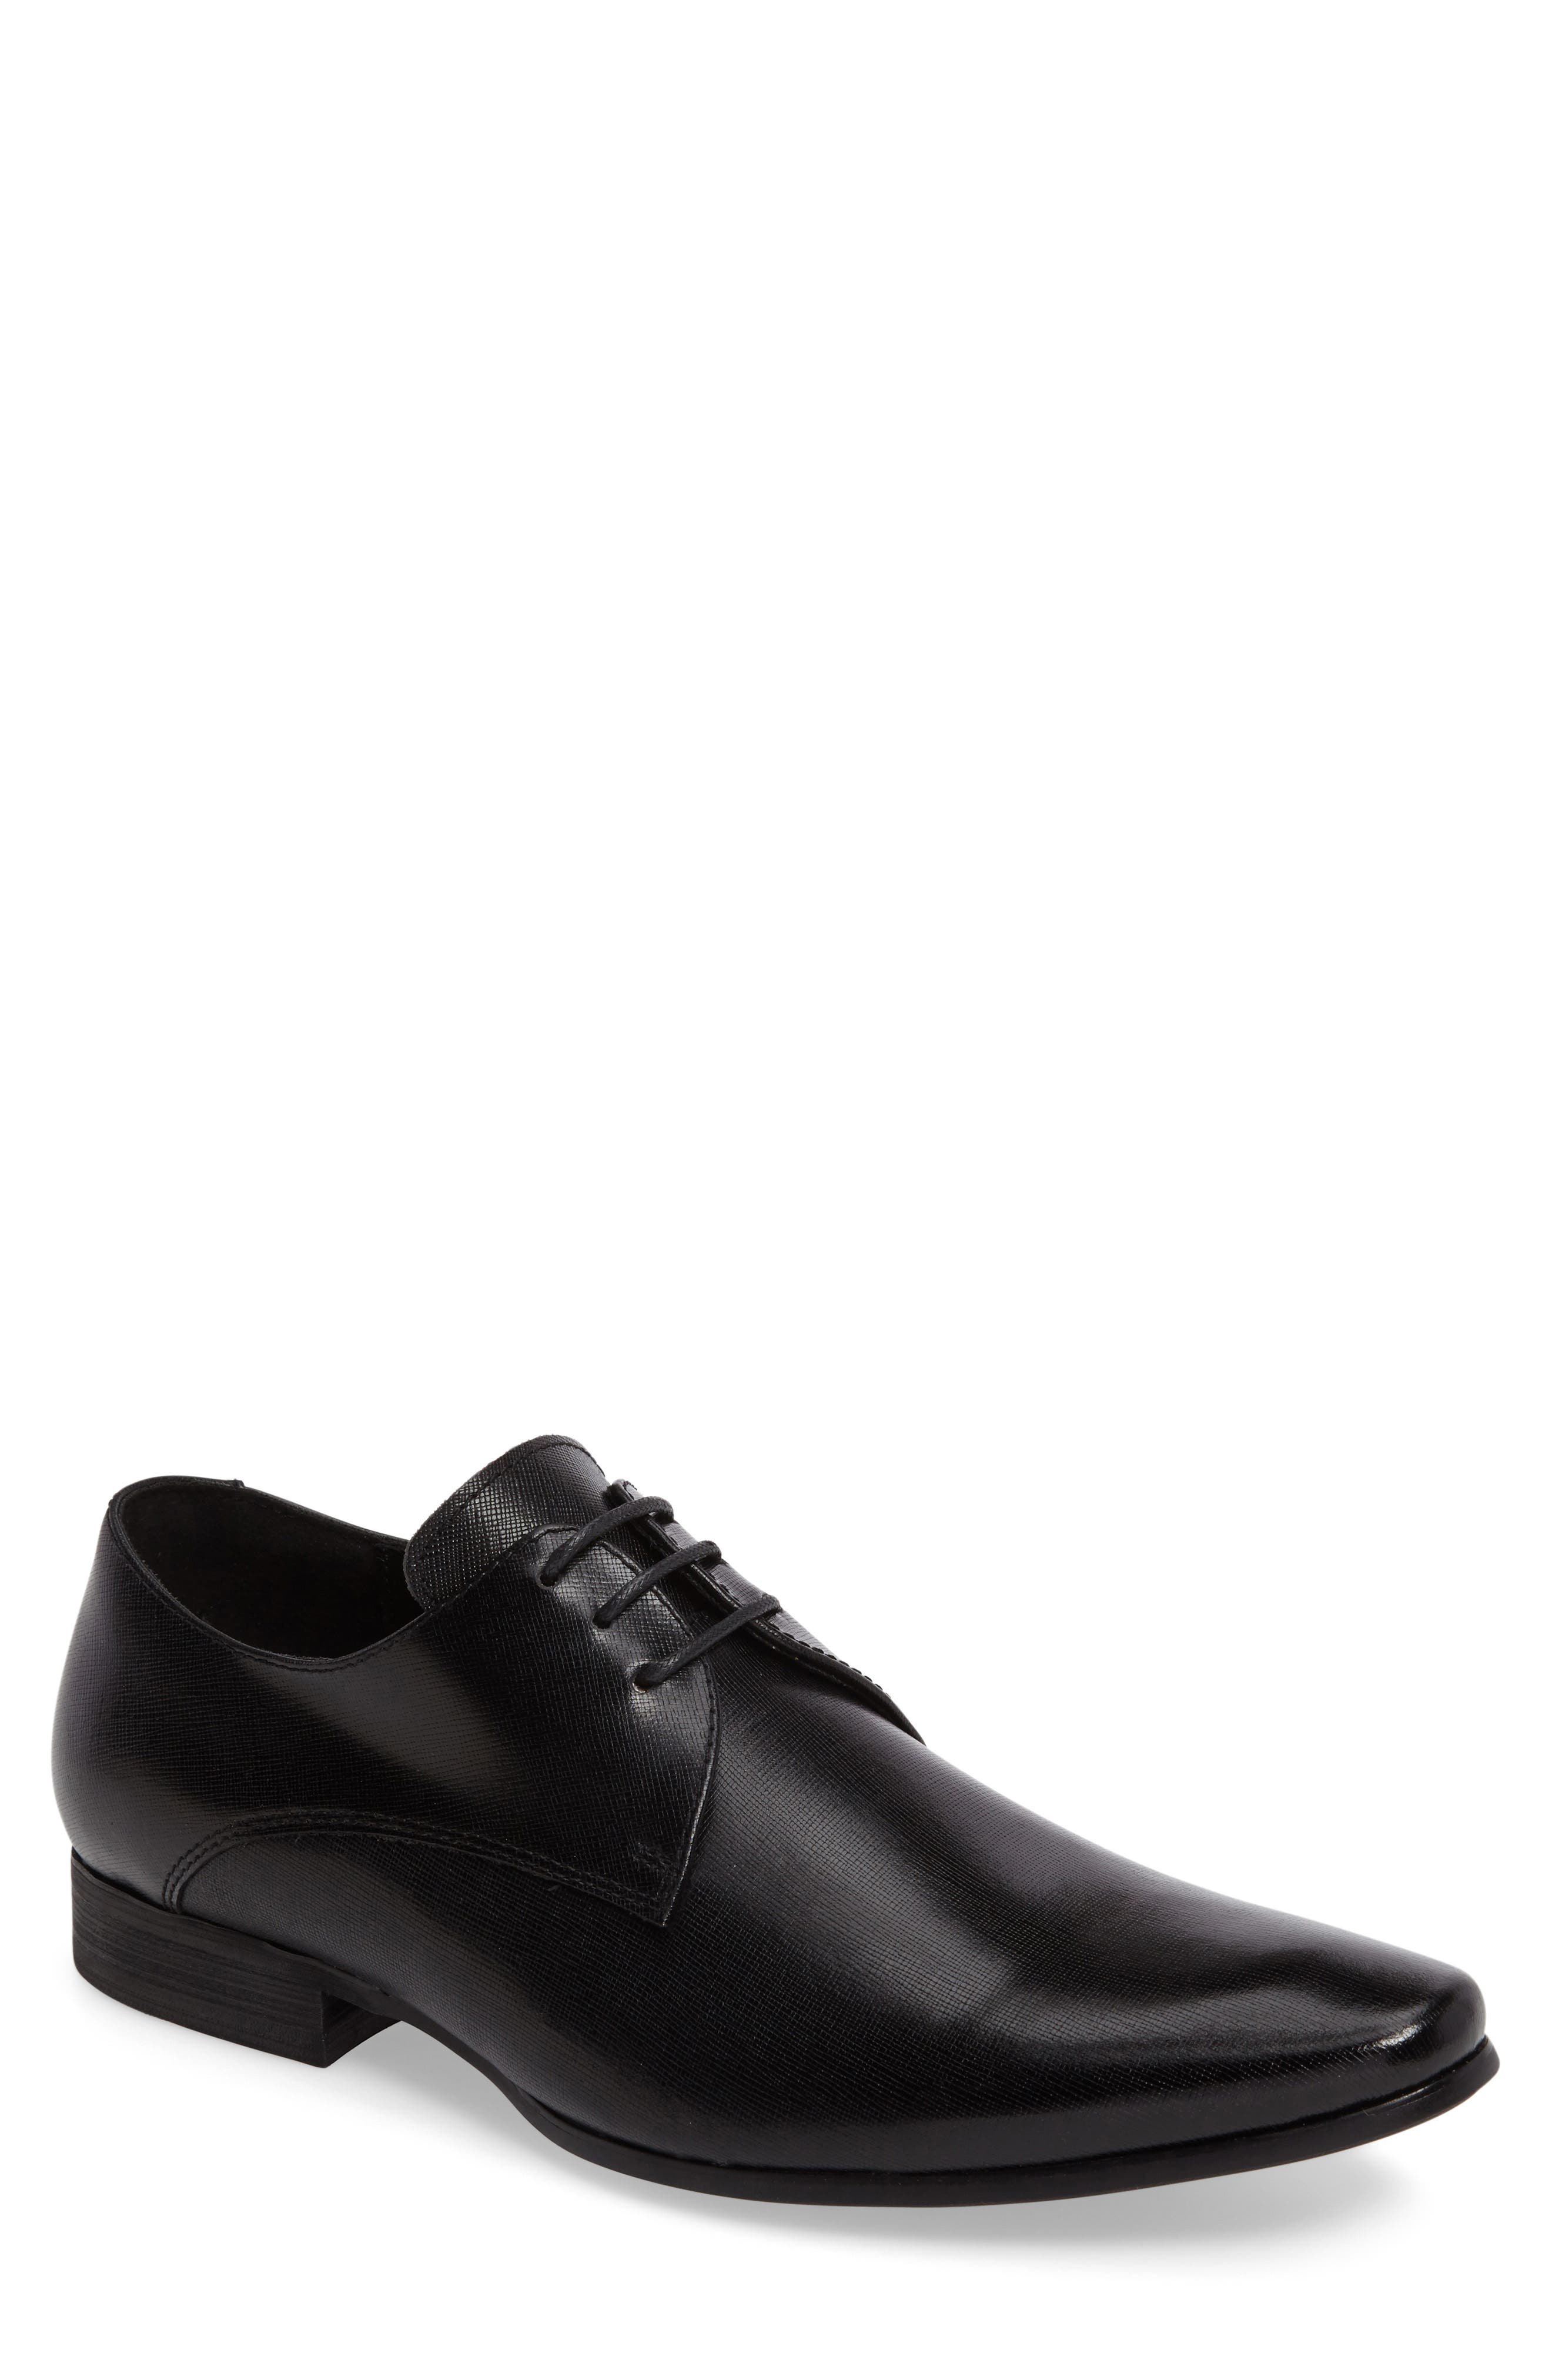 Needle Plain Toe Derby,                         Main,                         color, BLACK